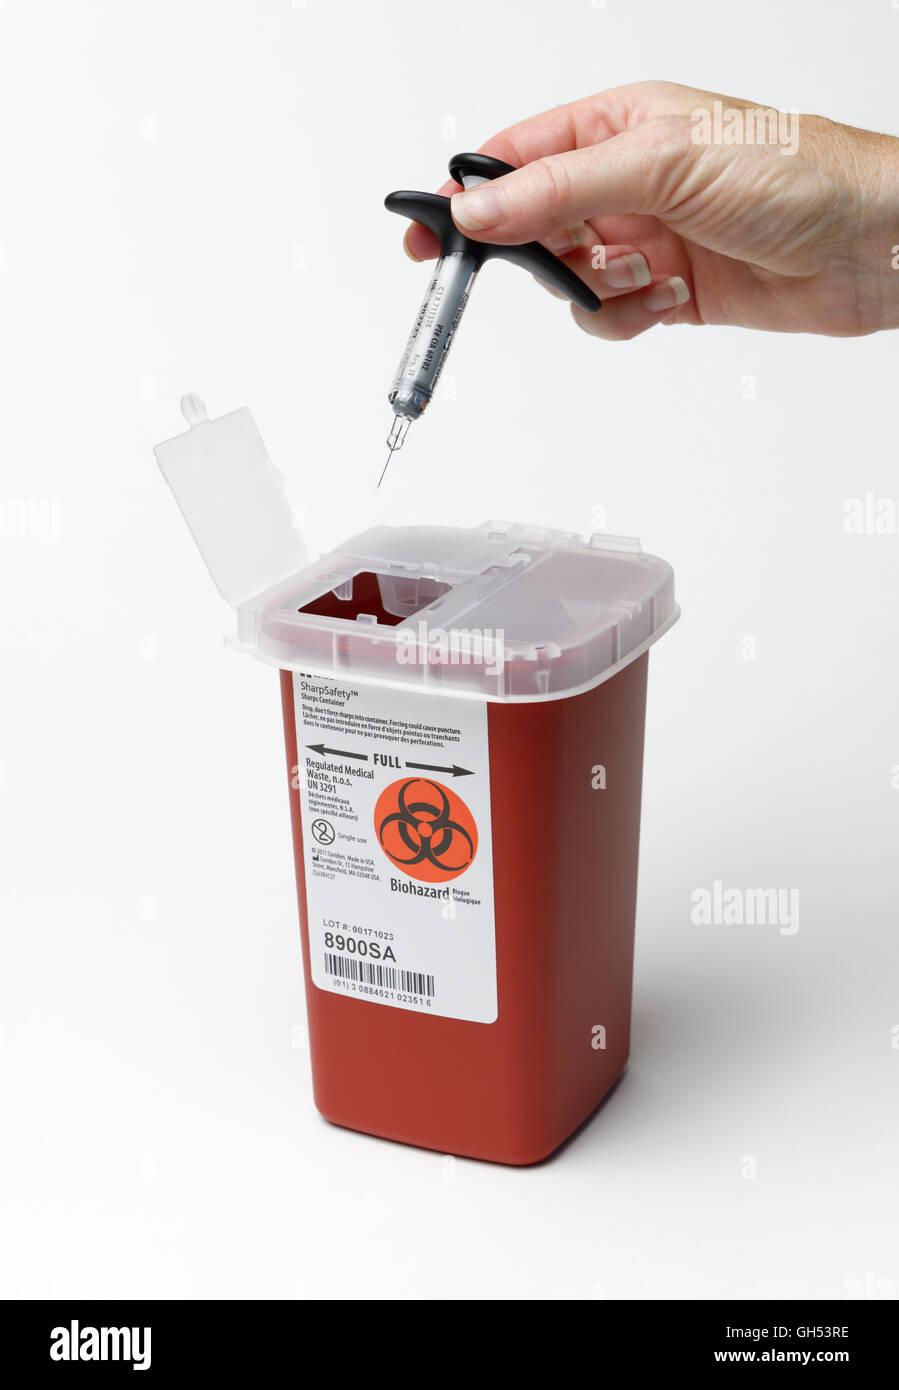 Disposer d'une seringue dans un contenant pour objets pointus ou tranchants pour les déchets médicaux après injection Banque D'Images